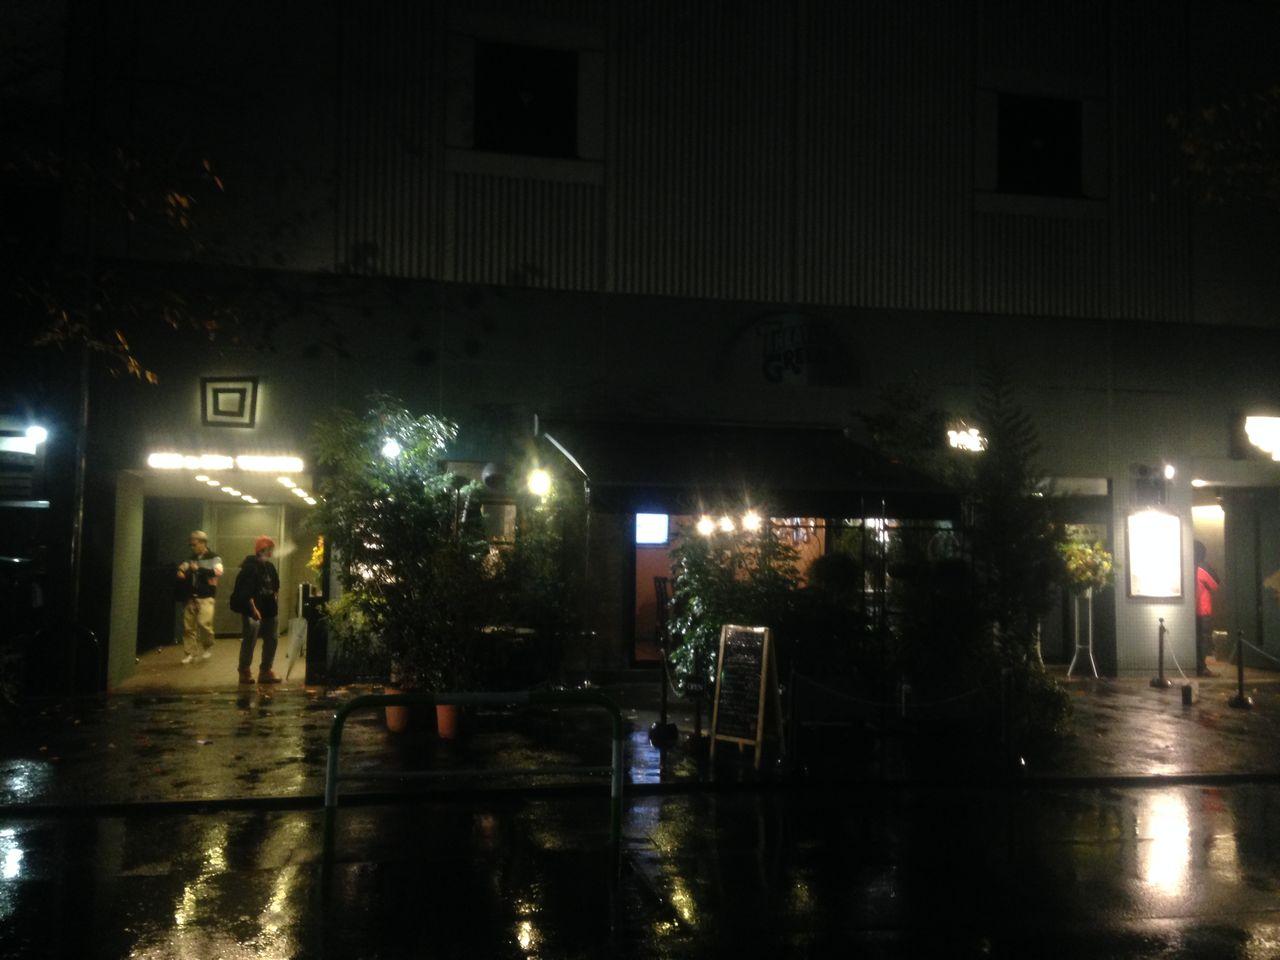 雨のシアターグリーン